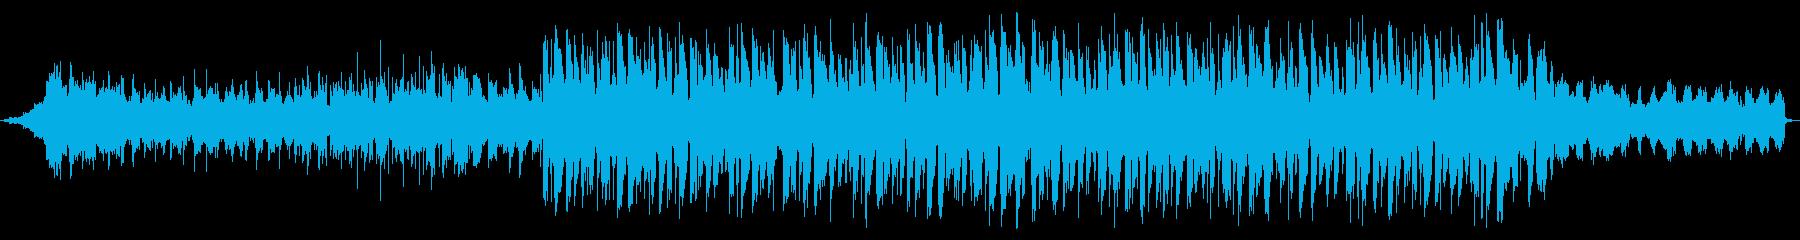 夏 海 ハウス 声ネタ 60秒版の再生済みの波形